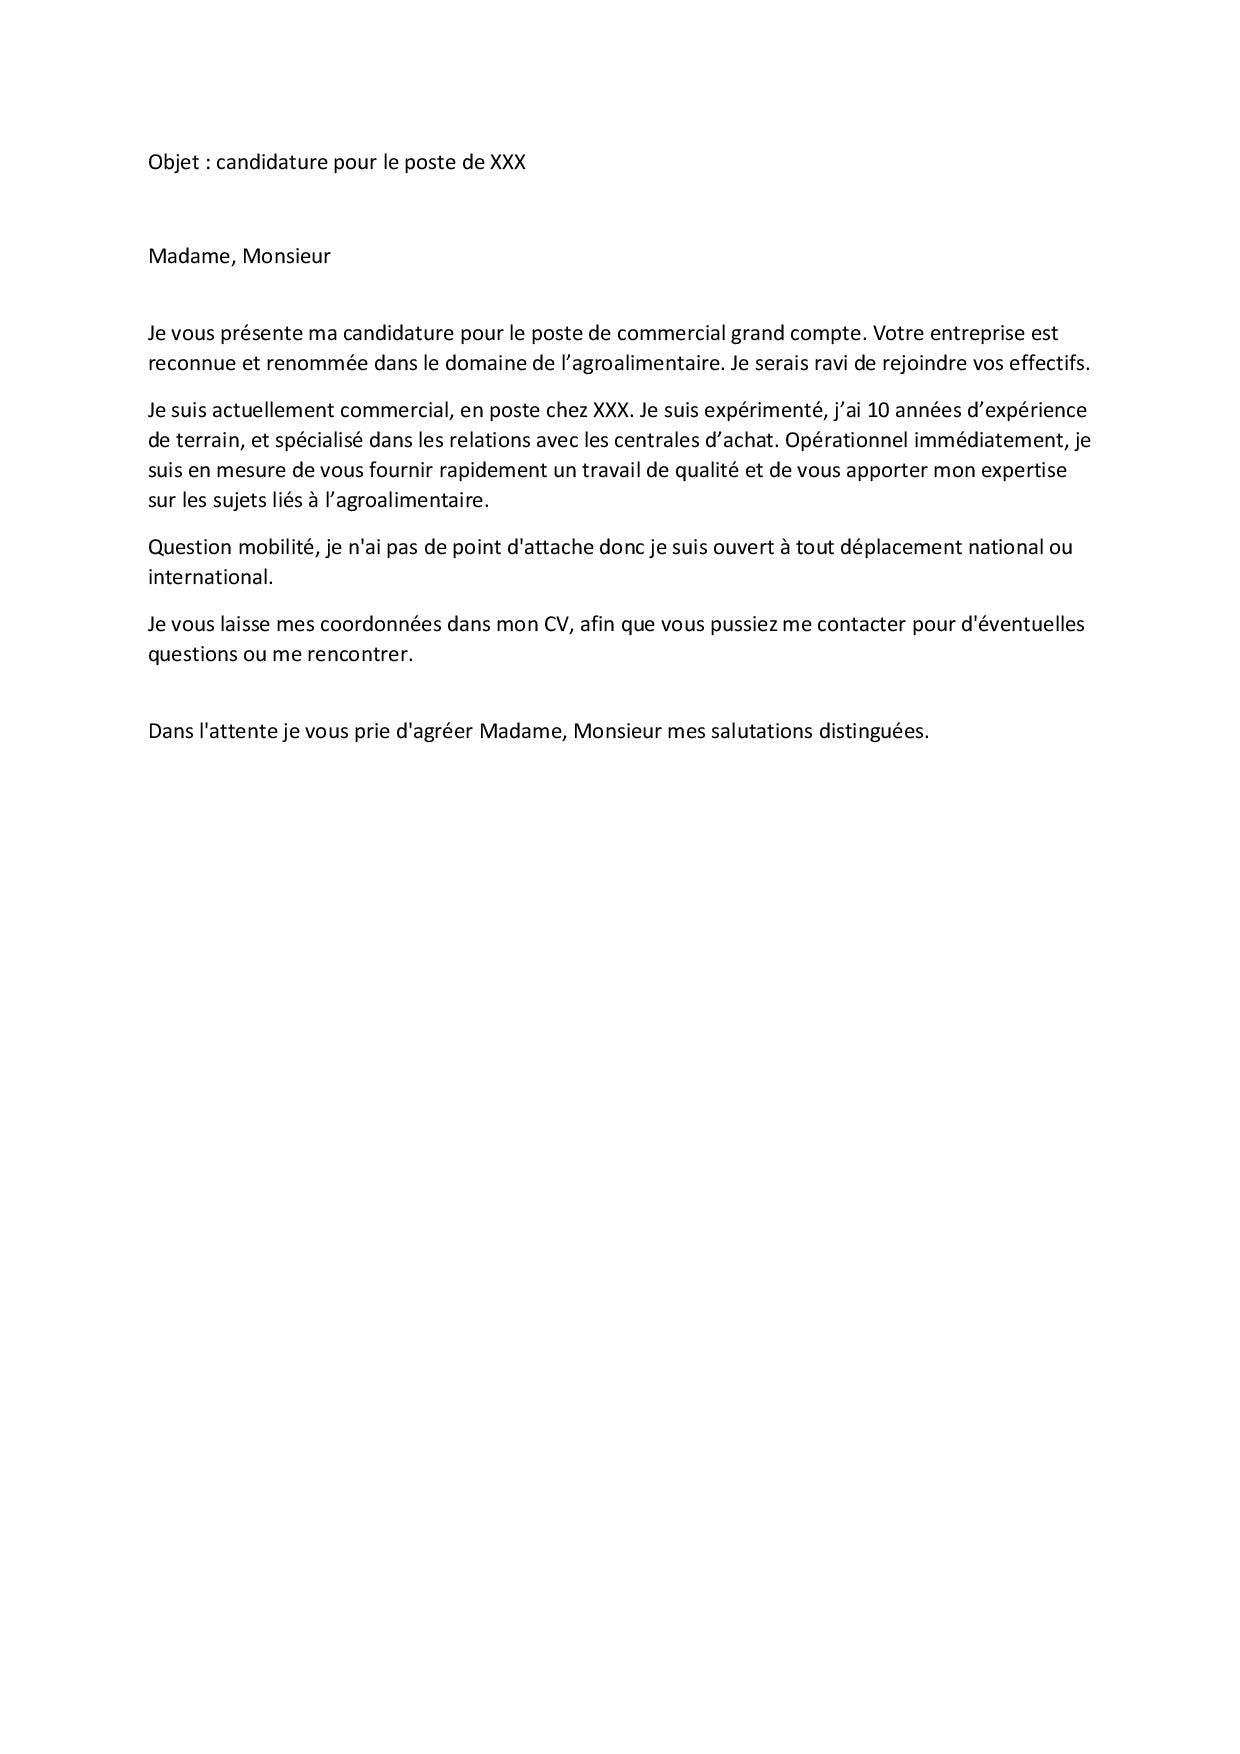 Mail De Motivation Bons Exemples Et Conseils Pour Le Reussir Cadremploi